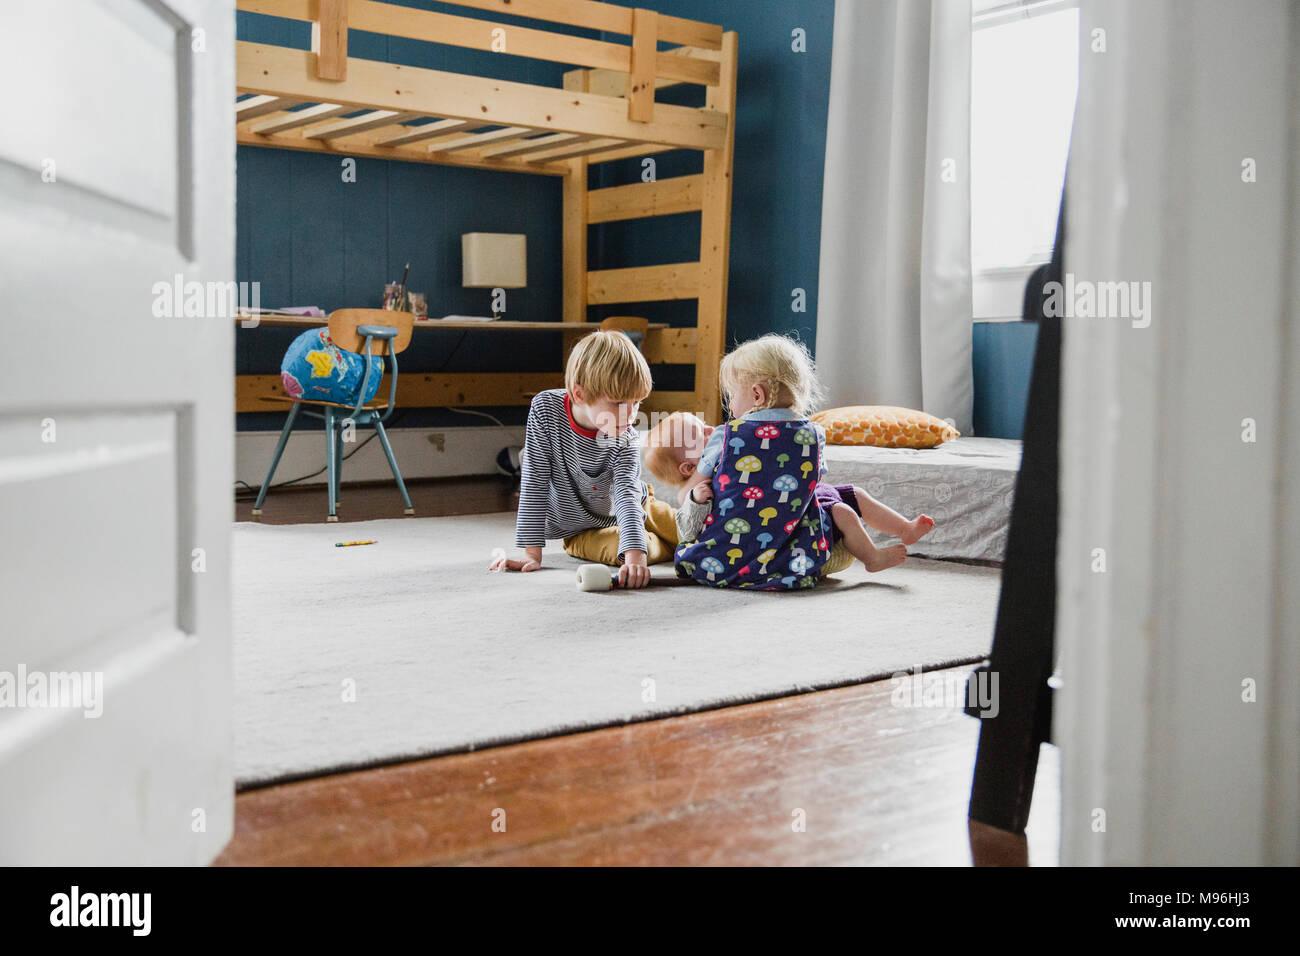 Deux enfants, baby-sitting dans la chambre Photo Stock